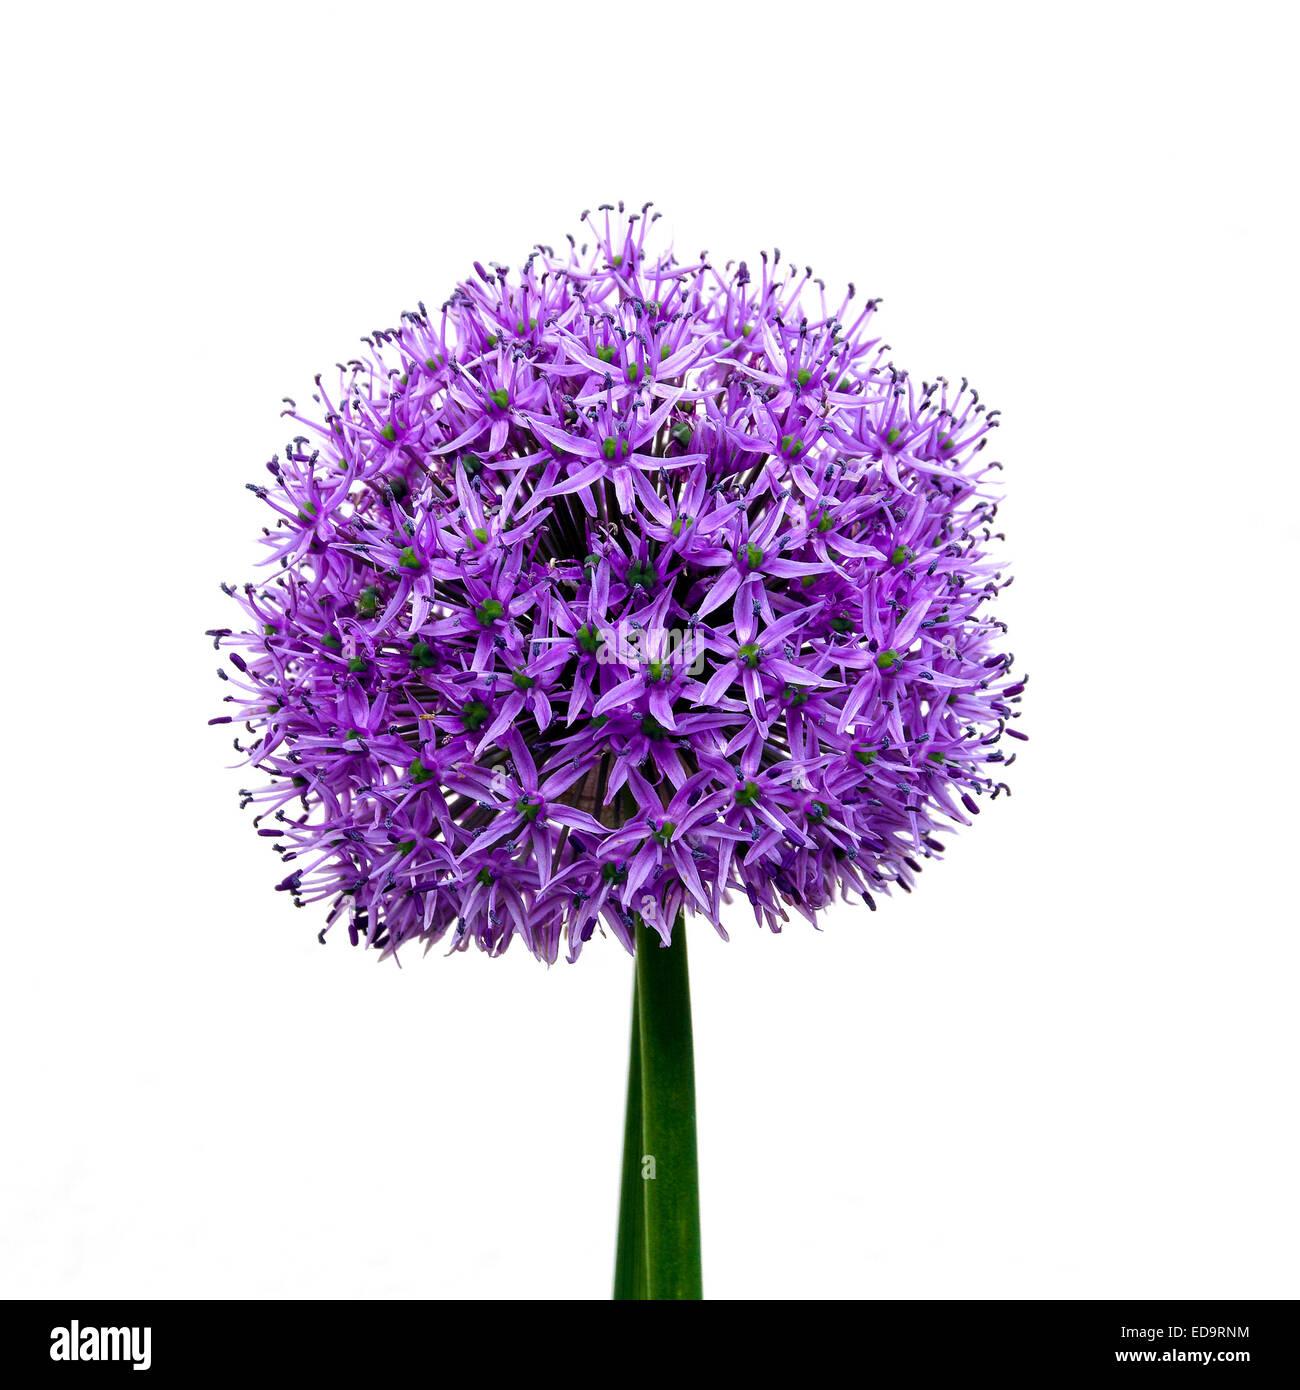 Allium Pflanze vor weißem Hintergrund Stockbild